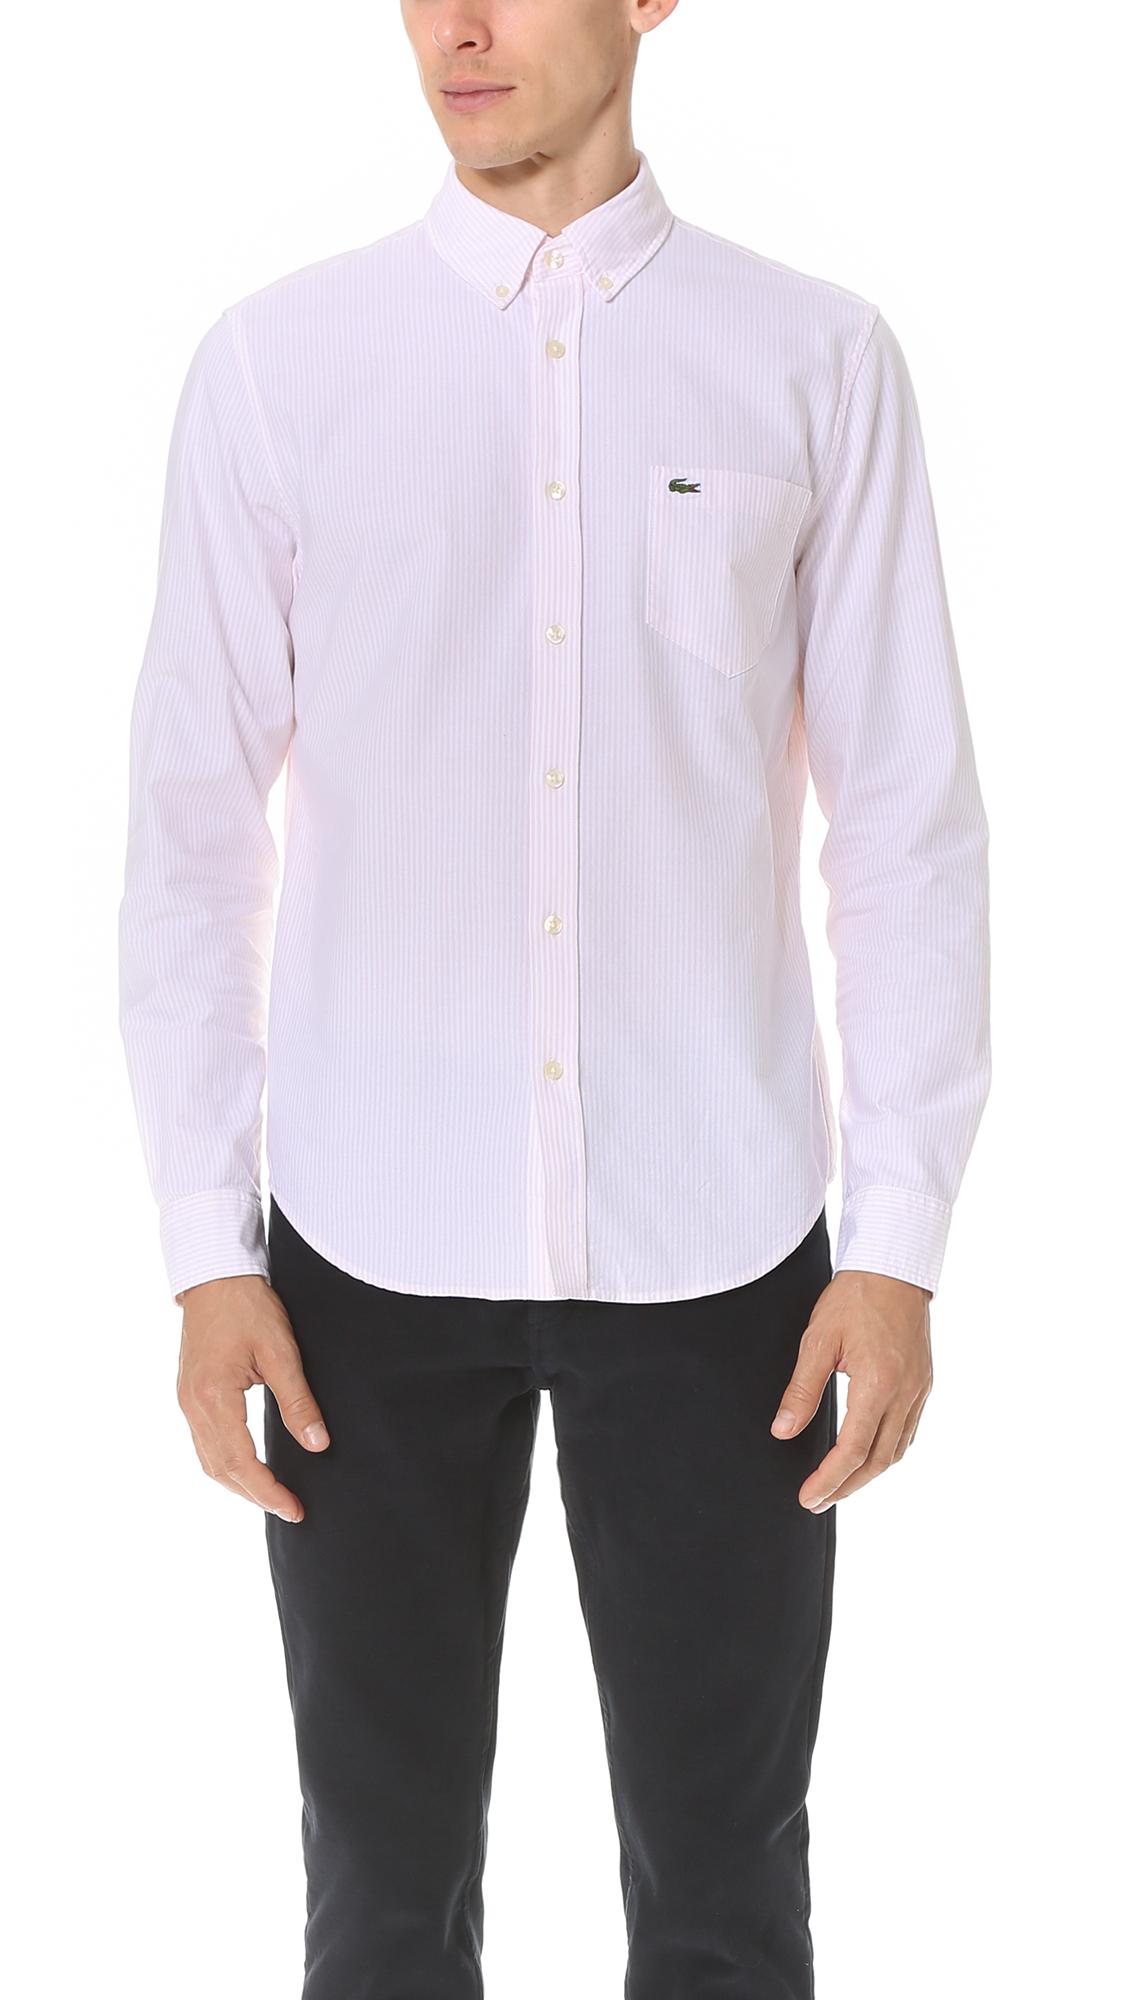 Lacoste bengal stripe button down oxford shirt in black for Black oxford button down shirt